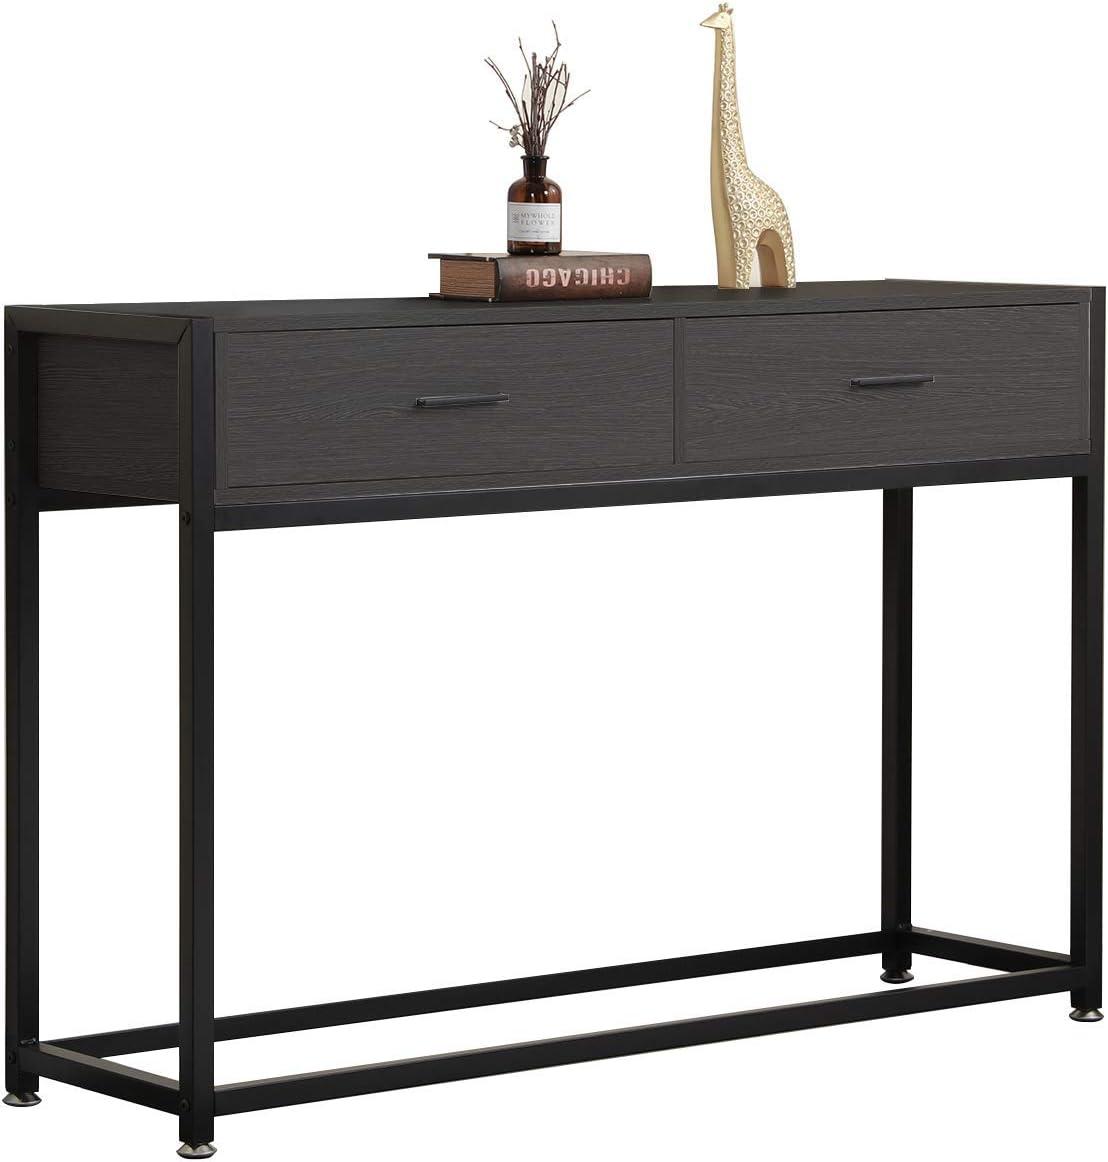 Noir Costway Table de Console,Table d/'Entr/ée,Table d/'Appoint Vintage en Bois+M/étal avec 2 Couches de Rangement,4 Pieds R/églables Anti-Rayures pour l/'Entr/ée,Salon,Couloir 102 x 35 x 80CM